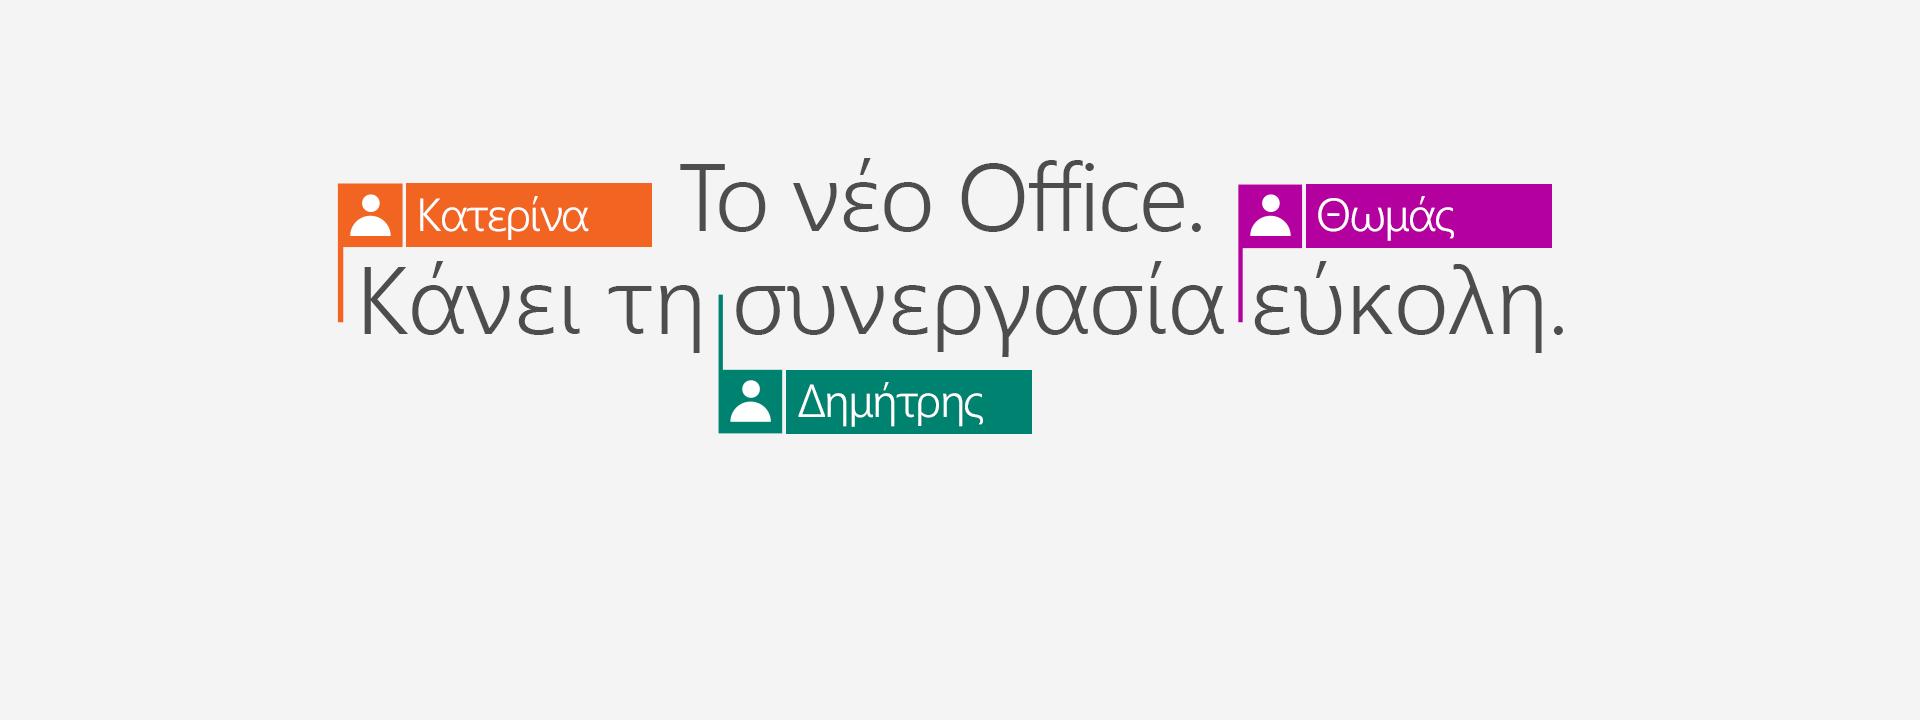 Αγοράστε το Office 365 για να αποκτήσετε τις νέες εφαρμογές του 2016.